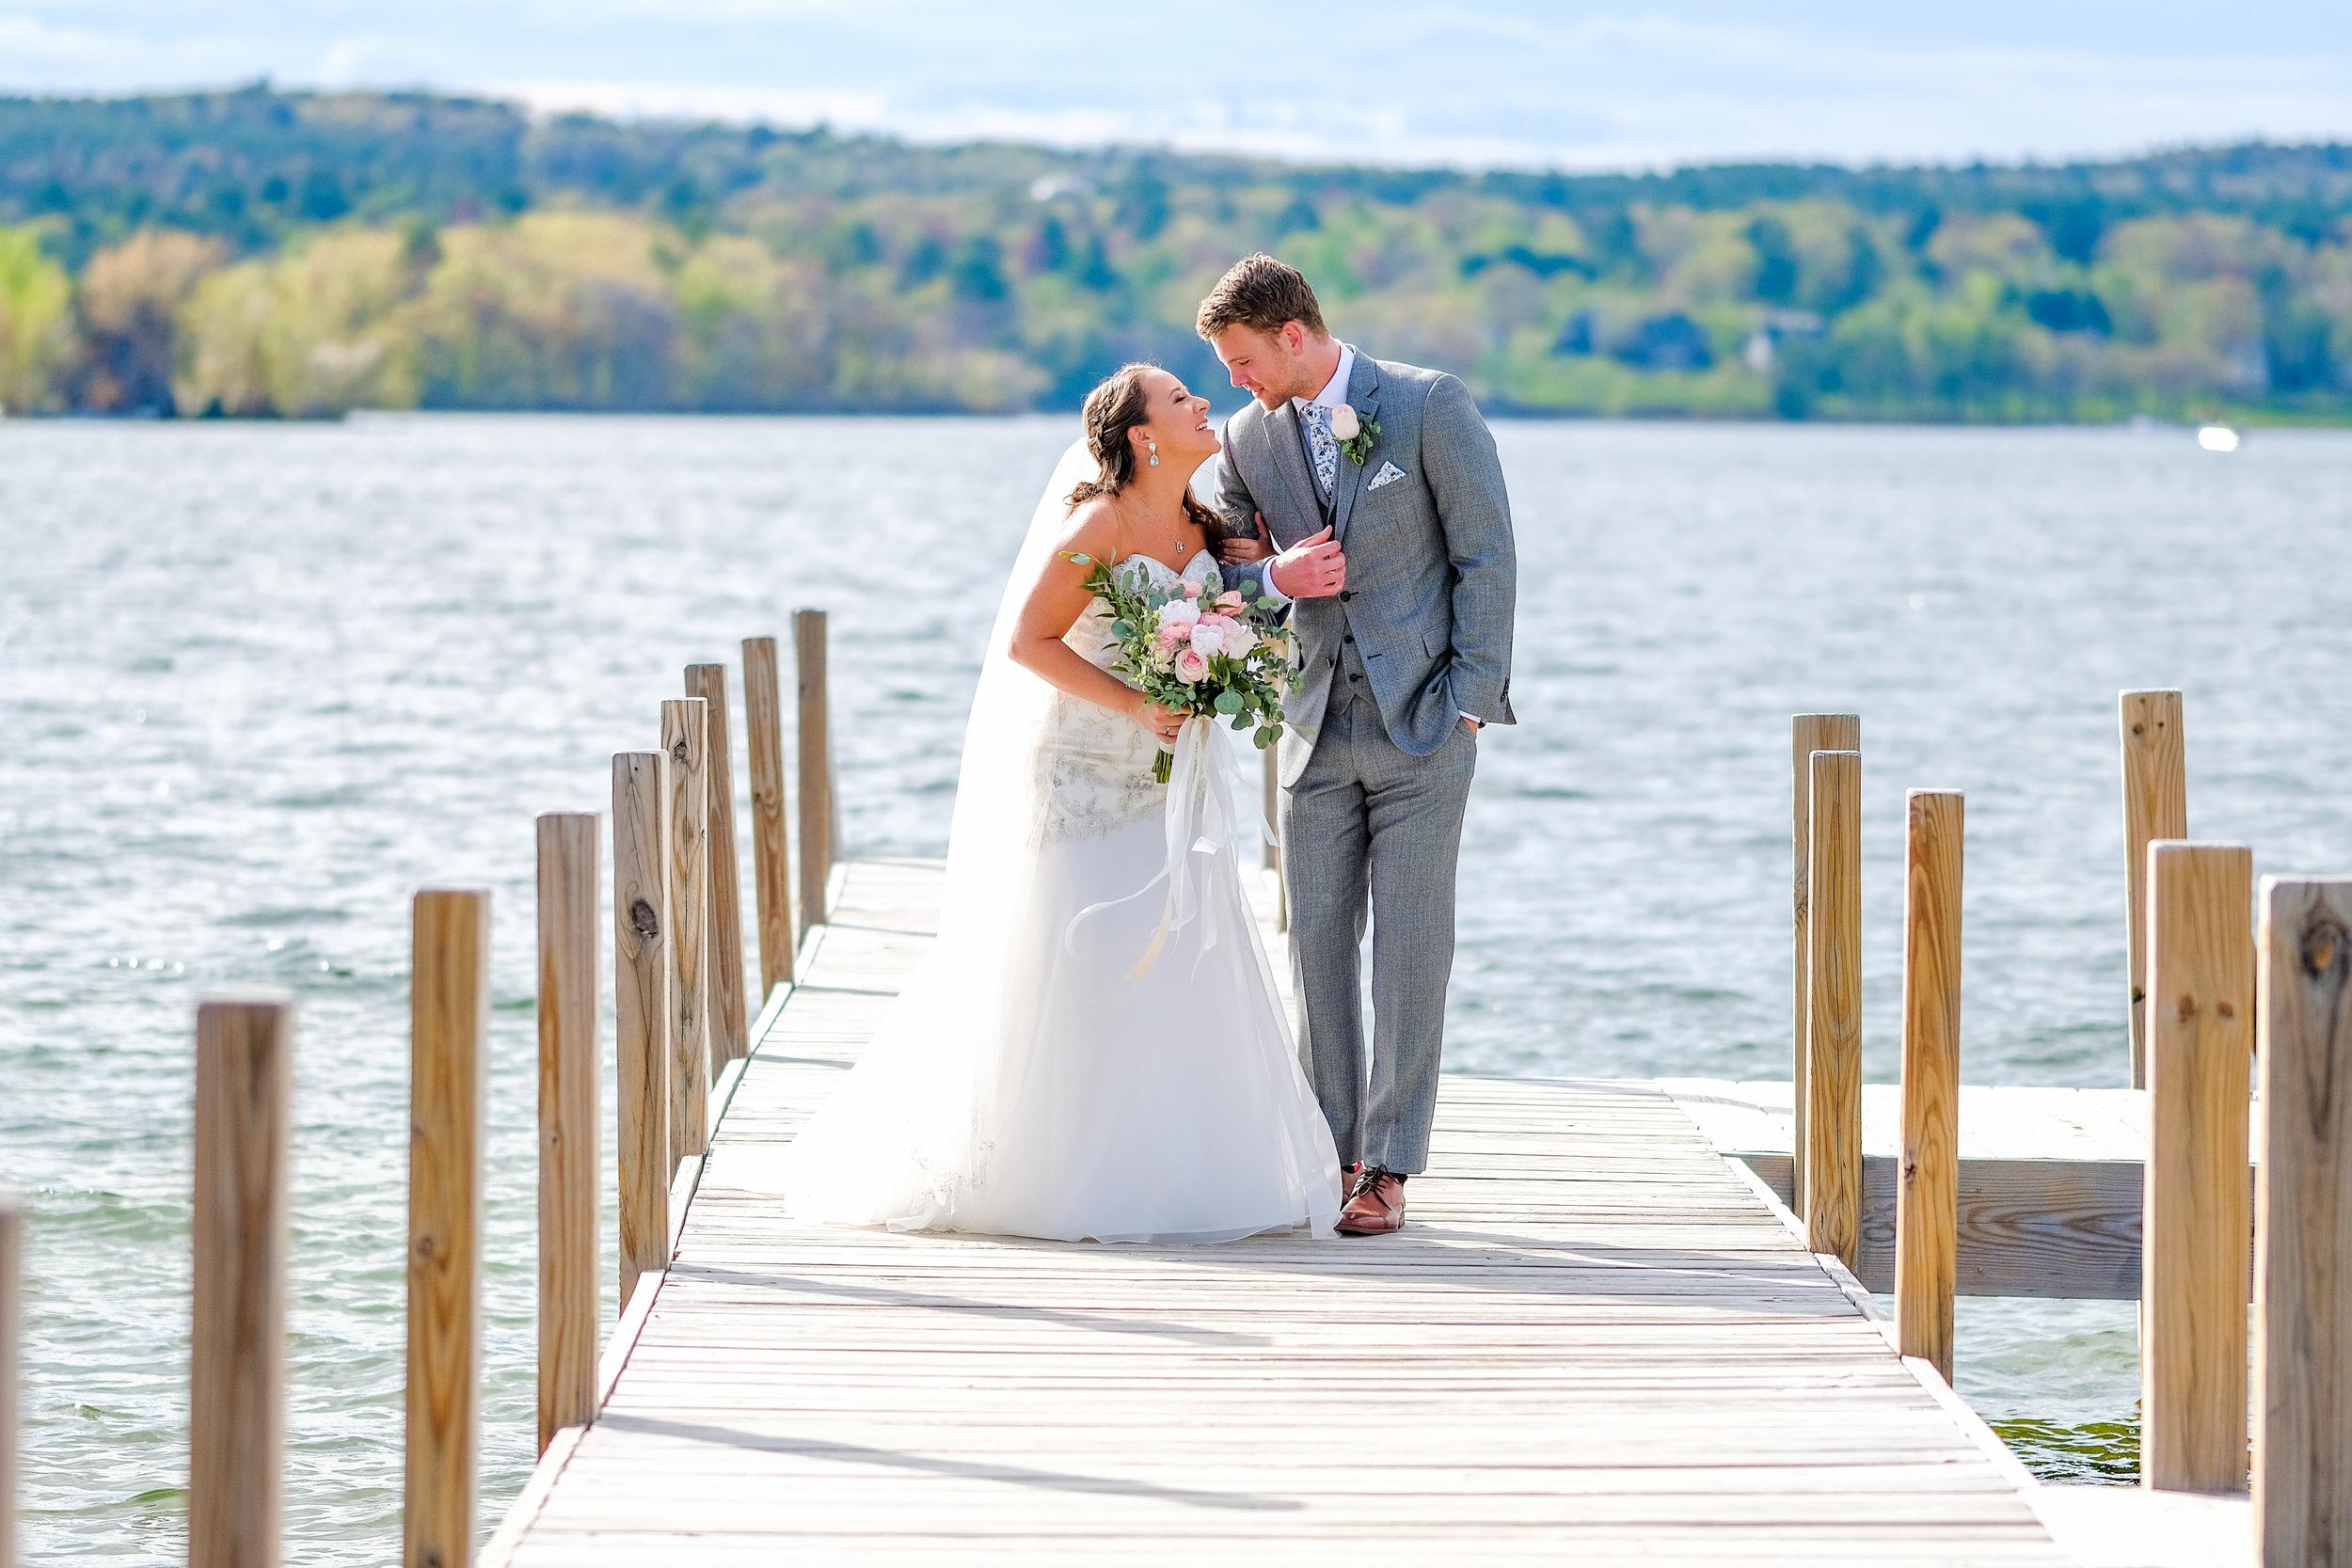 laconia-margate-wedding-photography-493.jpg